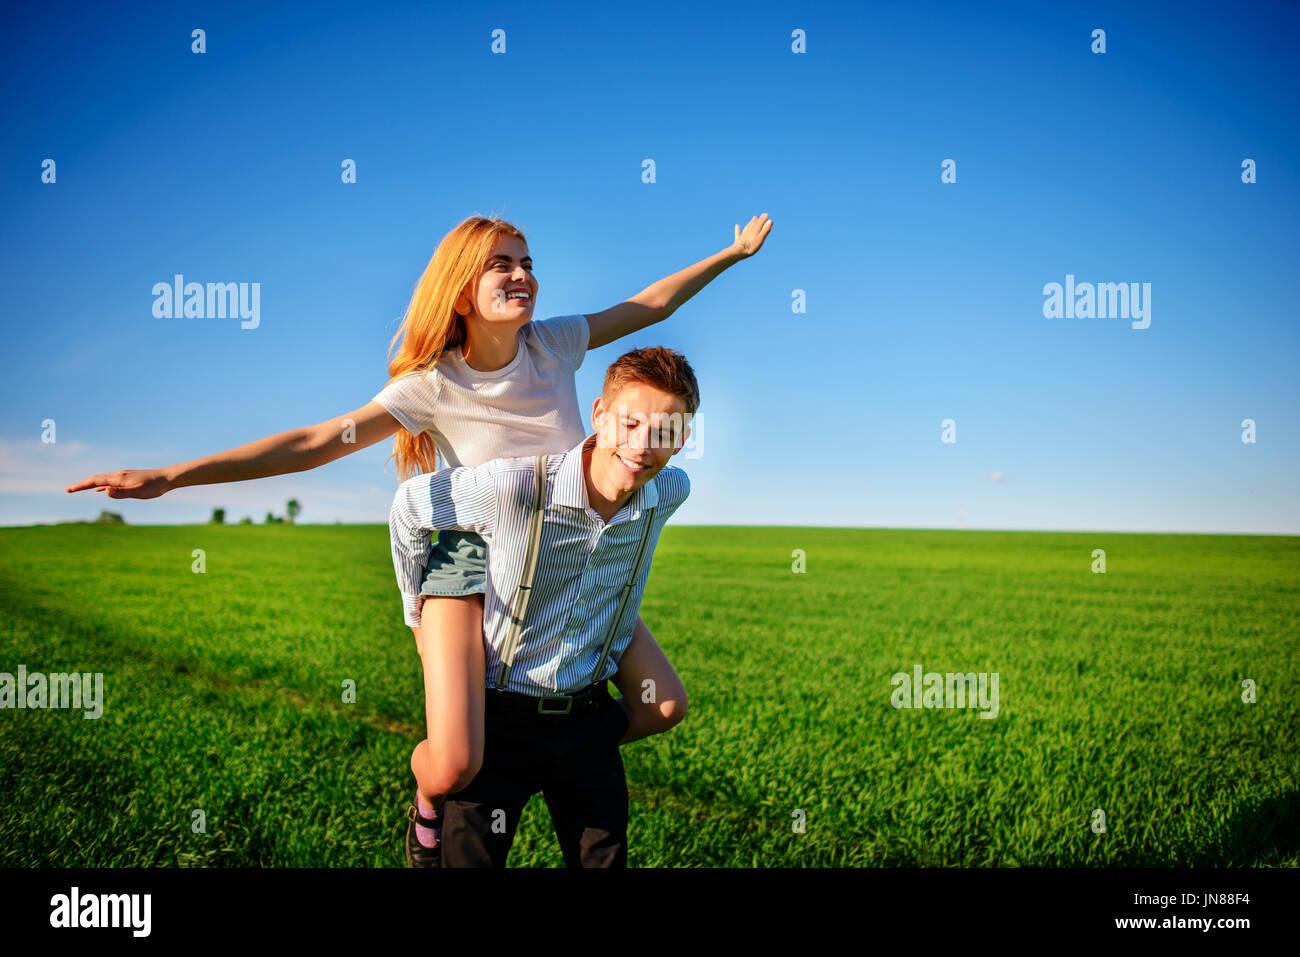 Smiling Man est maintenant sur son dos femme heureuse, qui sort ses bras et simule un vol sur fond de ciel bleu et le vert de la fie Photo Stock